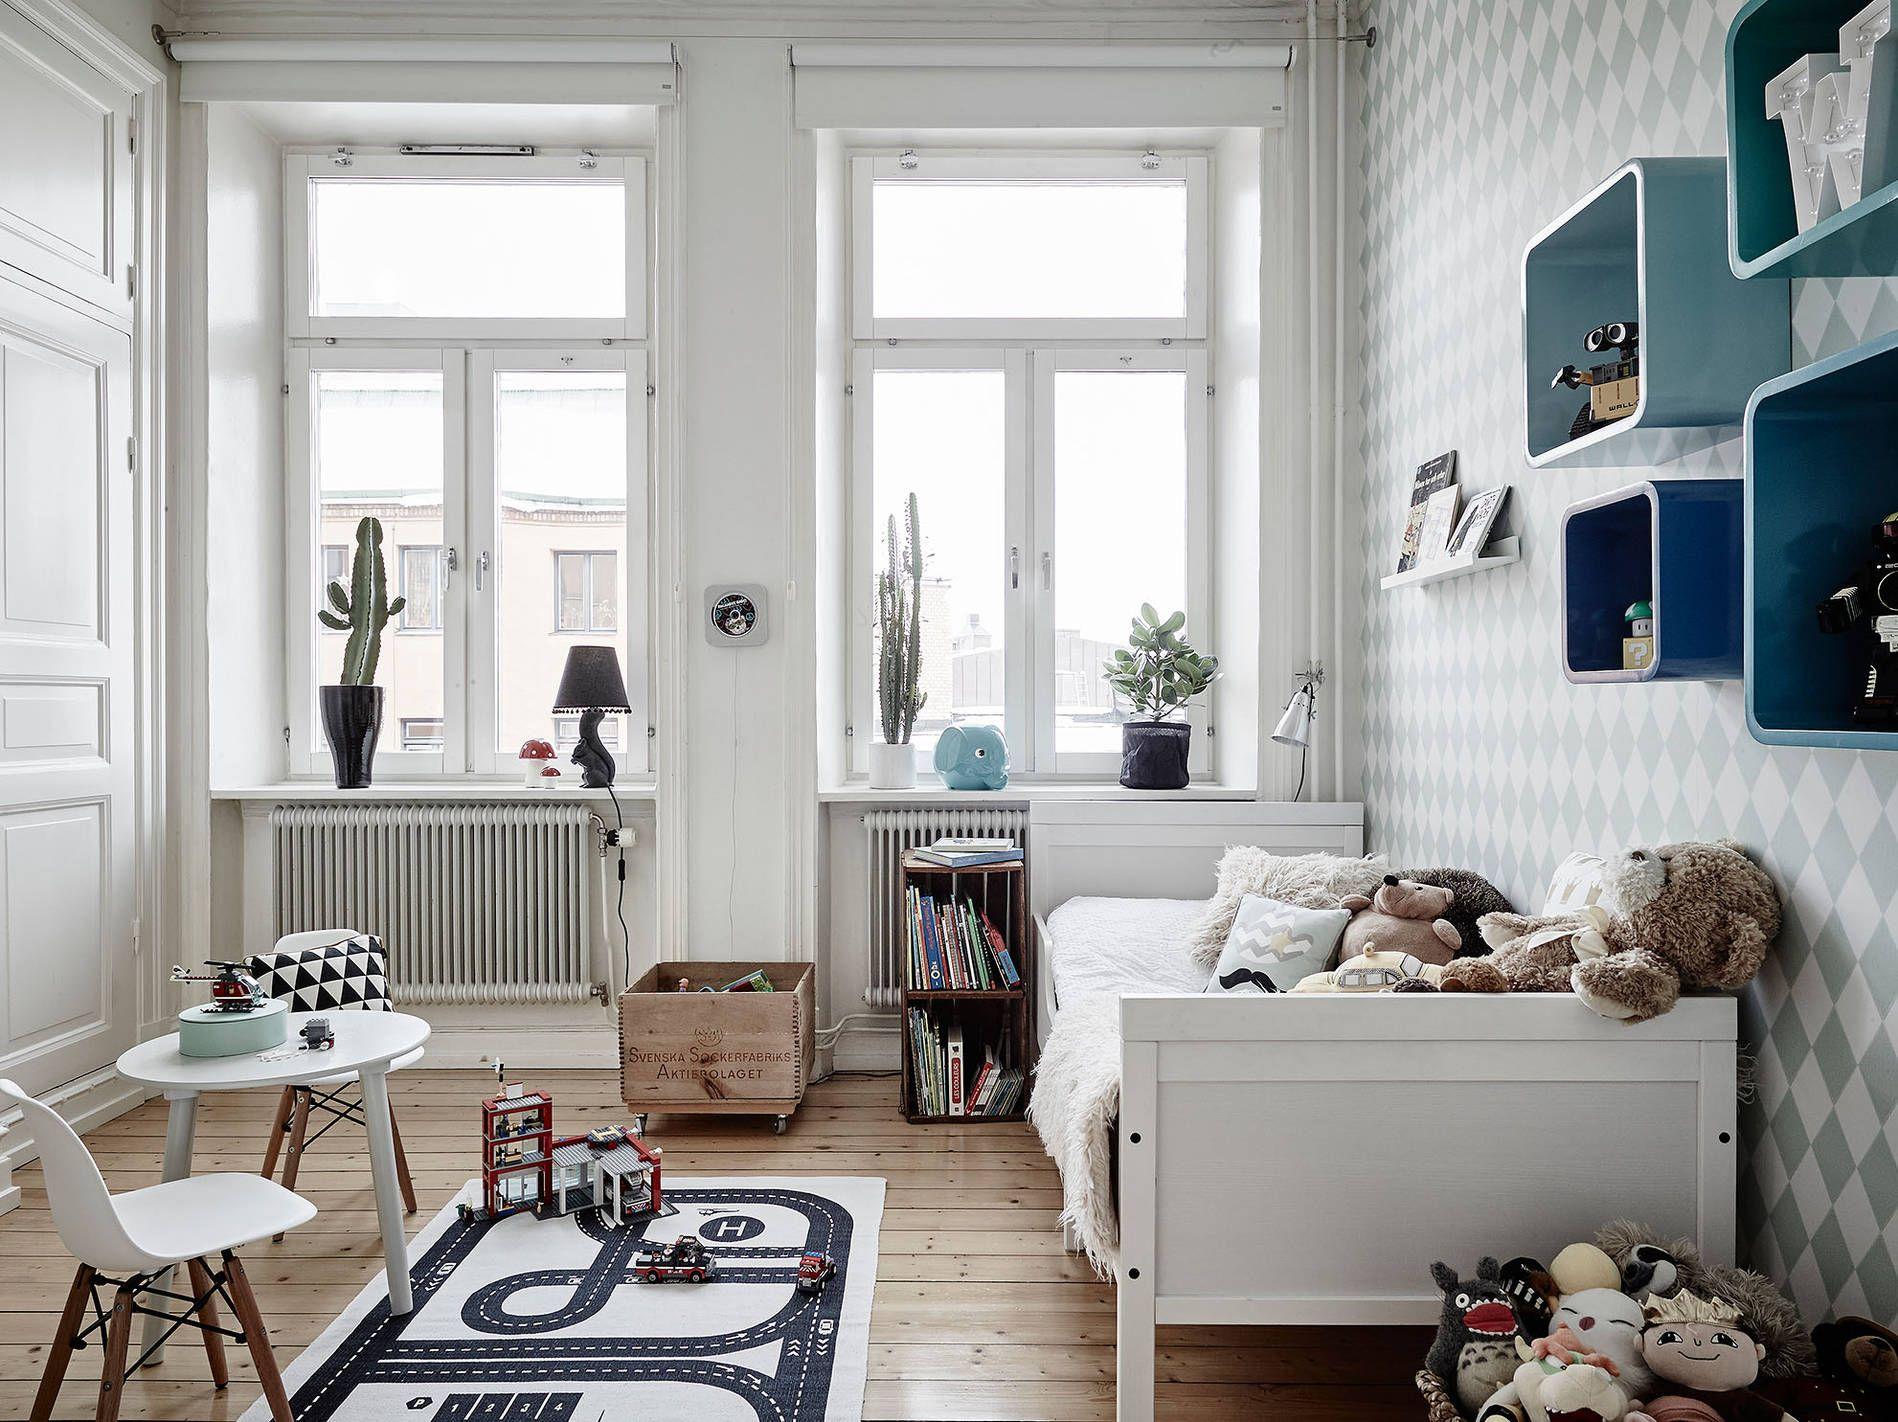 Stadshem httptrendessoblogspotsk201601elegant look of swedish apartmenthtml Stadshem httptrendessoblogspotsk201601elegant look of